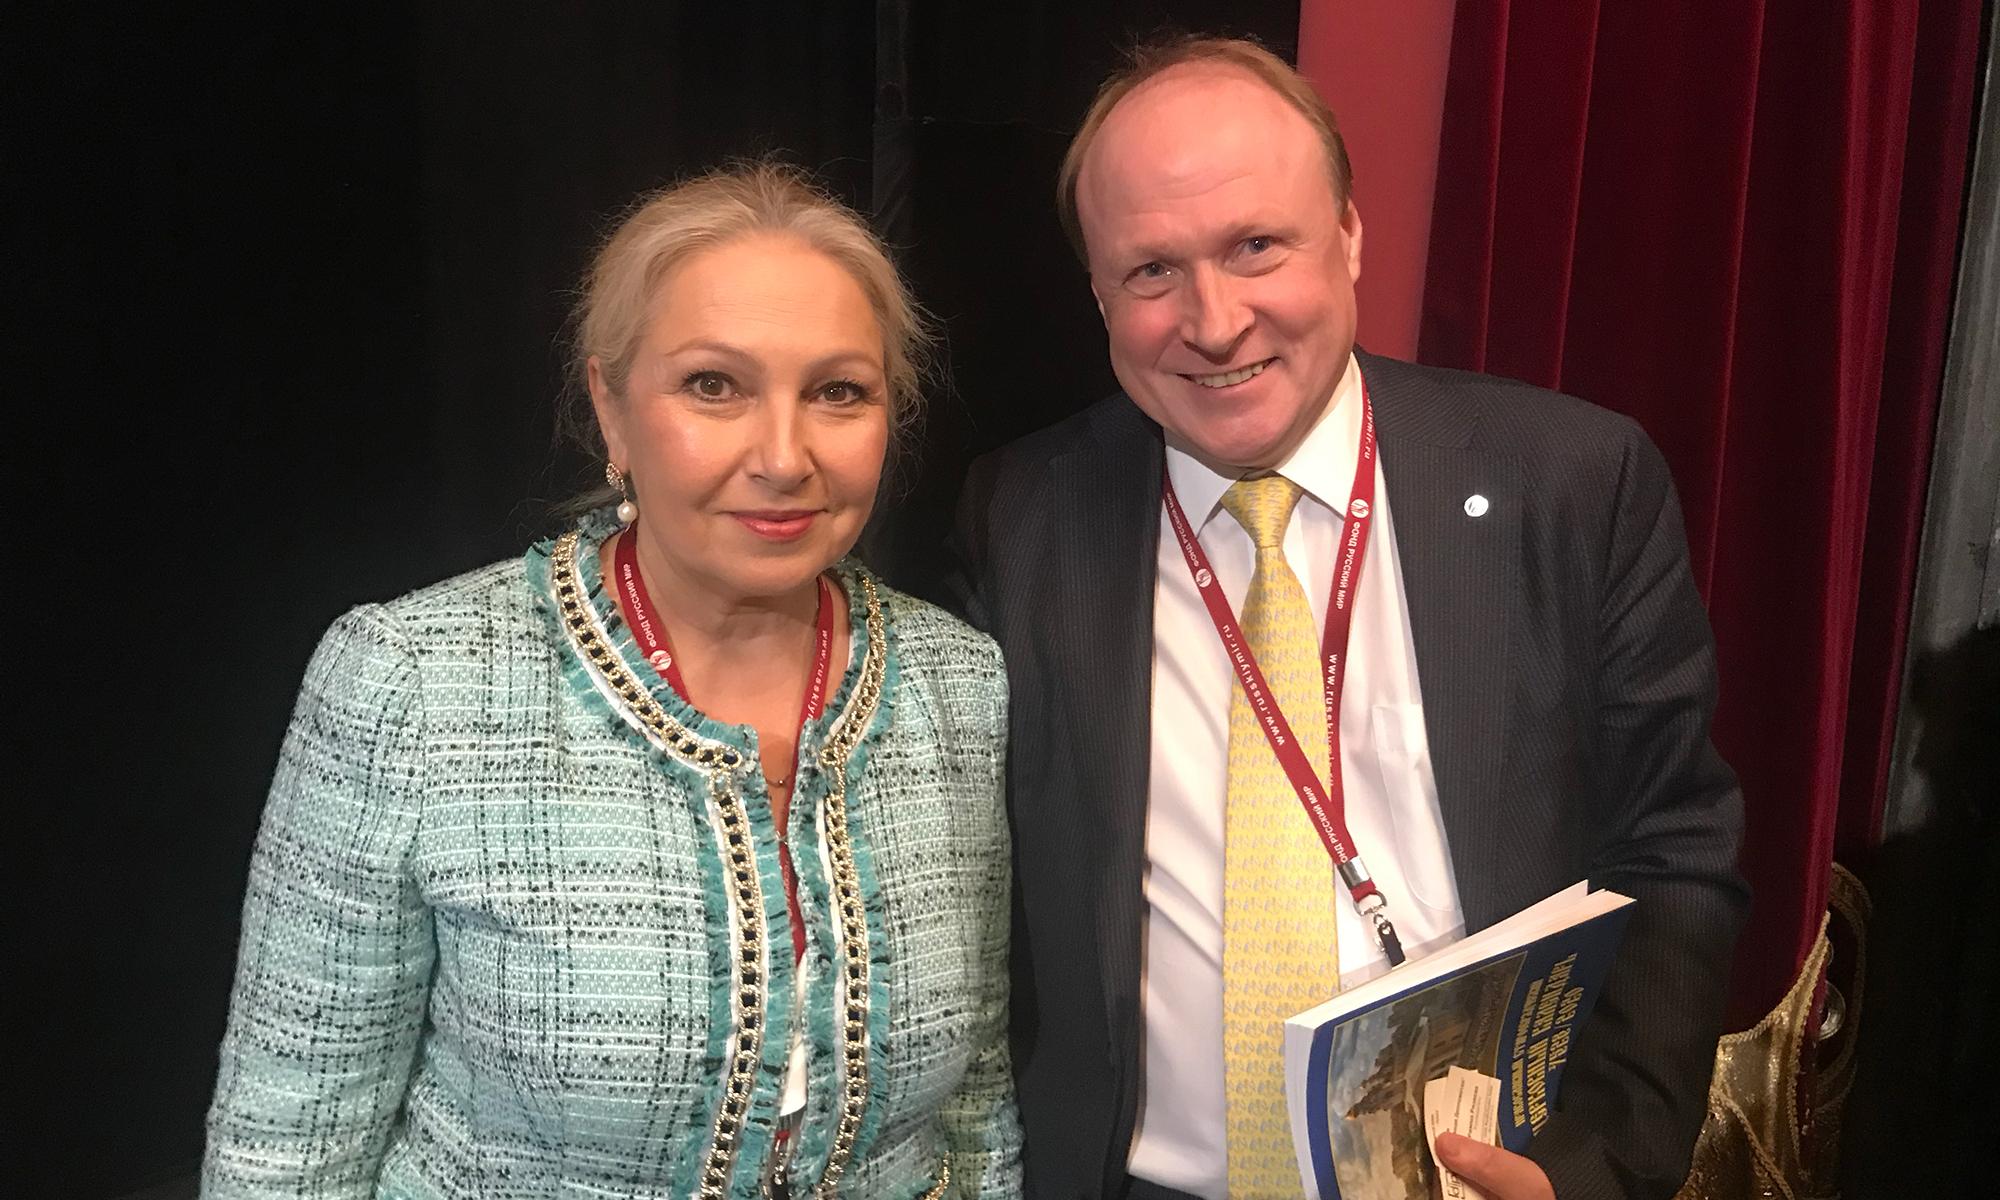 Встреча с Советником Президента РФ - Общественная дипломатия